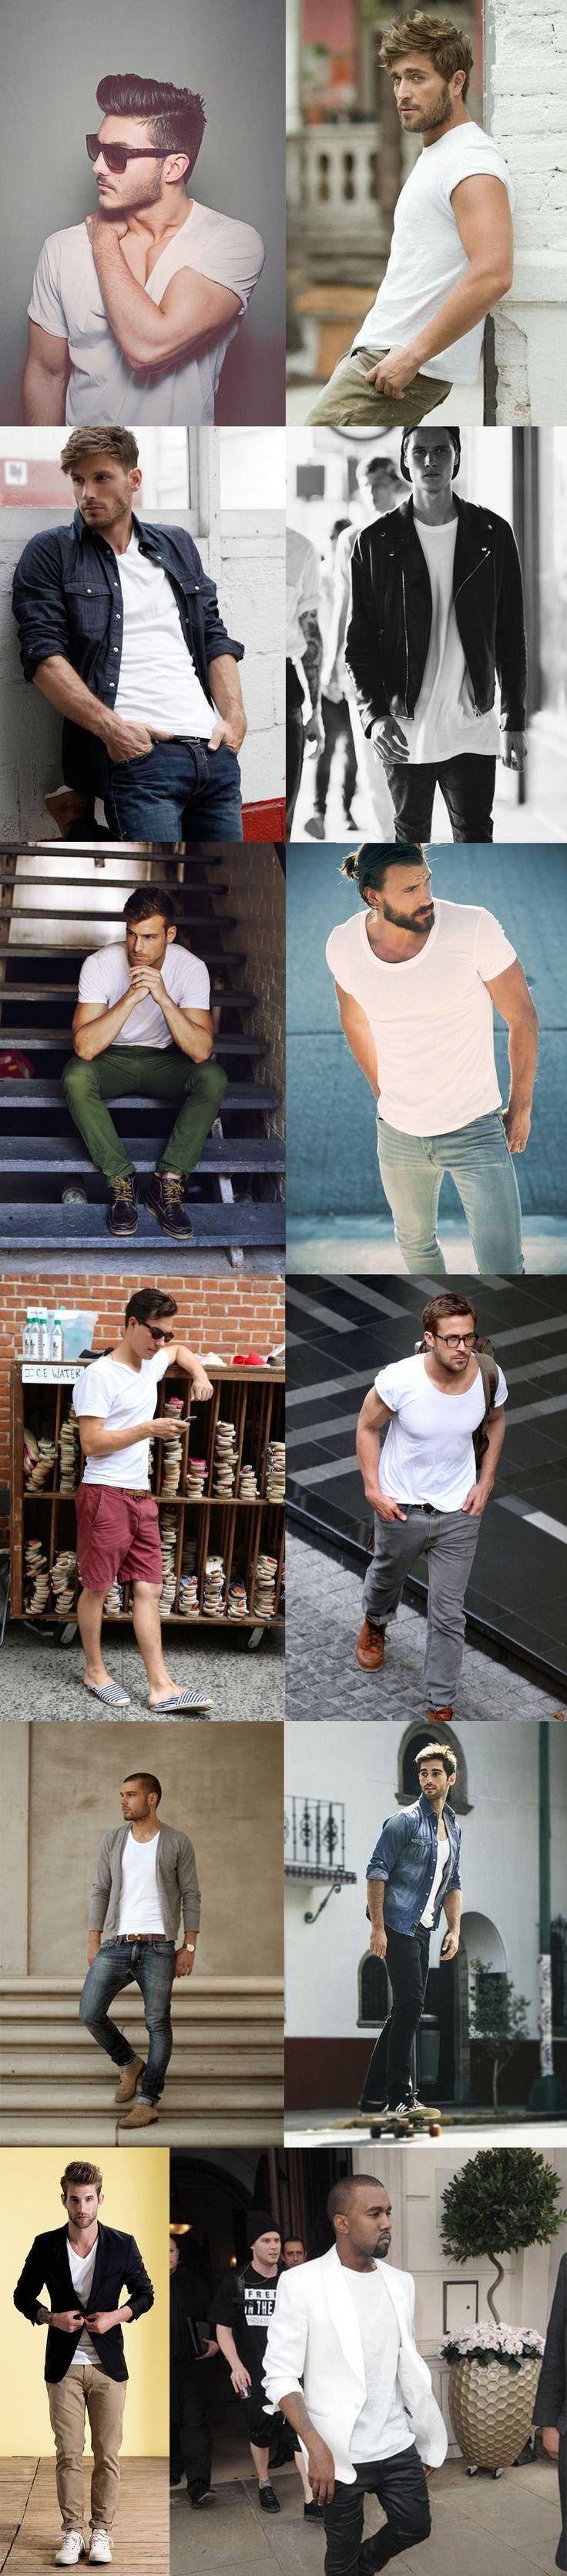 camisa-branca-masculina-como-usar-homens-que-se-cuidam-1.jpg (1000×4544) Mais